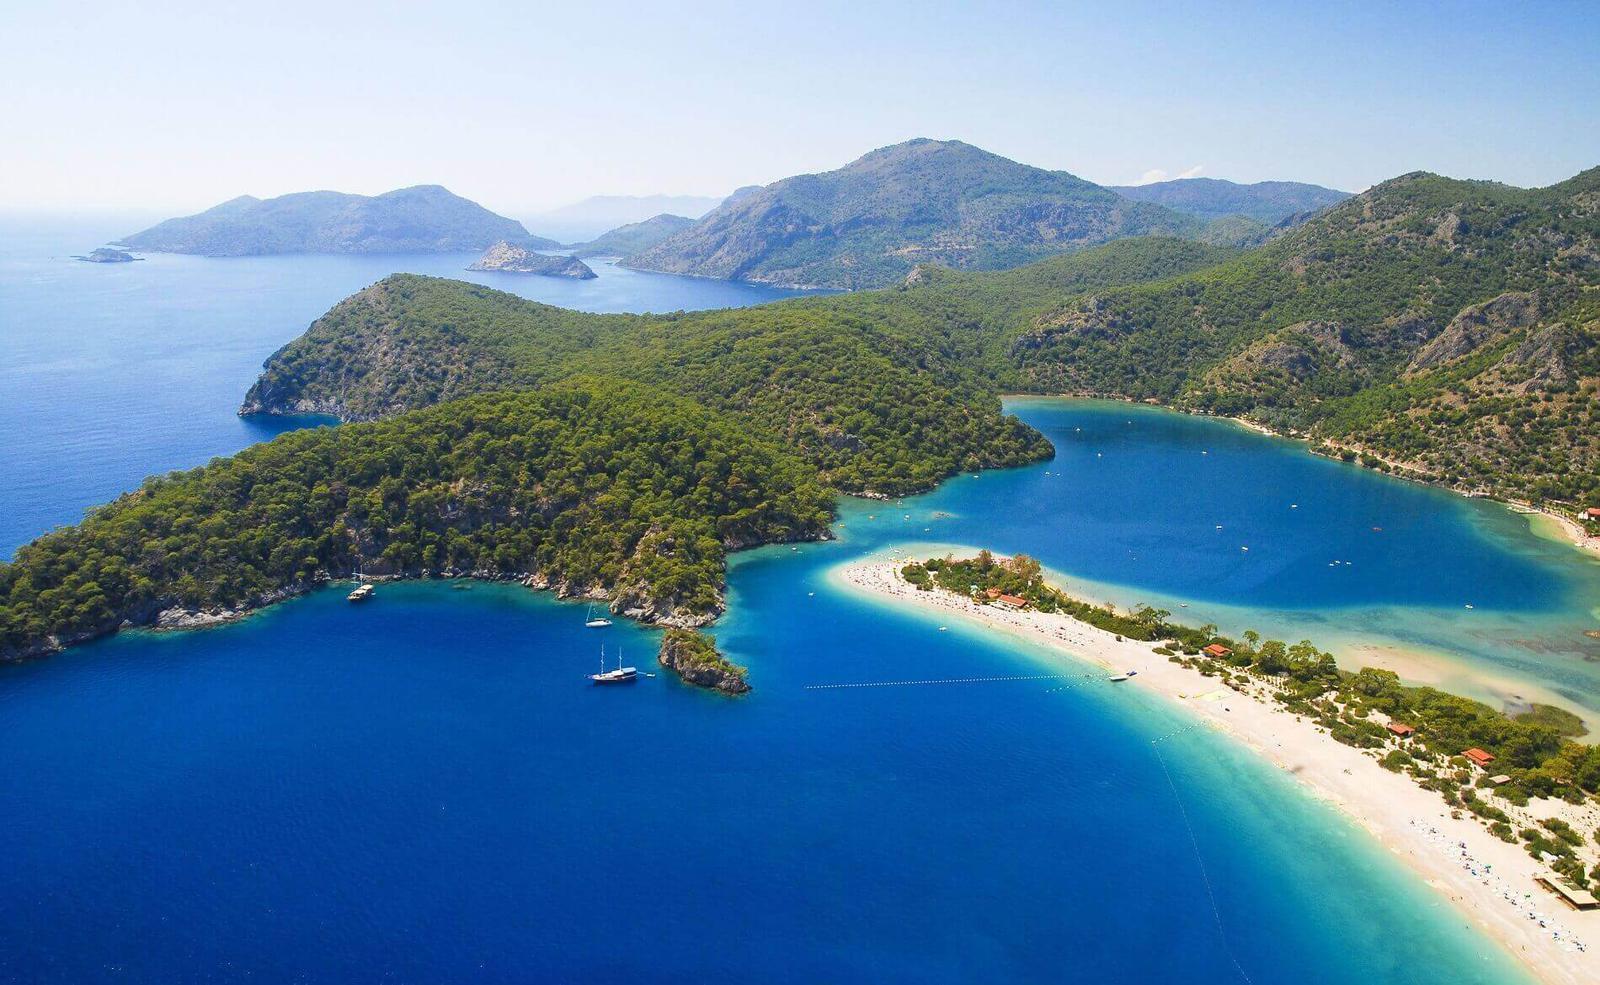 1 laguna_azul 275-10-proorimoi-stin-tourkia-pou-aksizei-na-episkefteis προορισμοι τουρκια